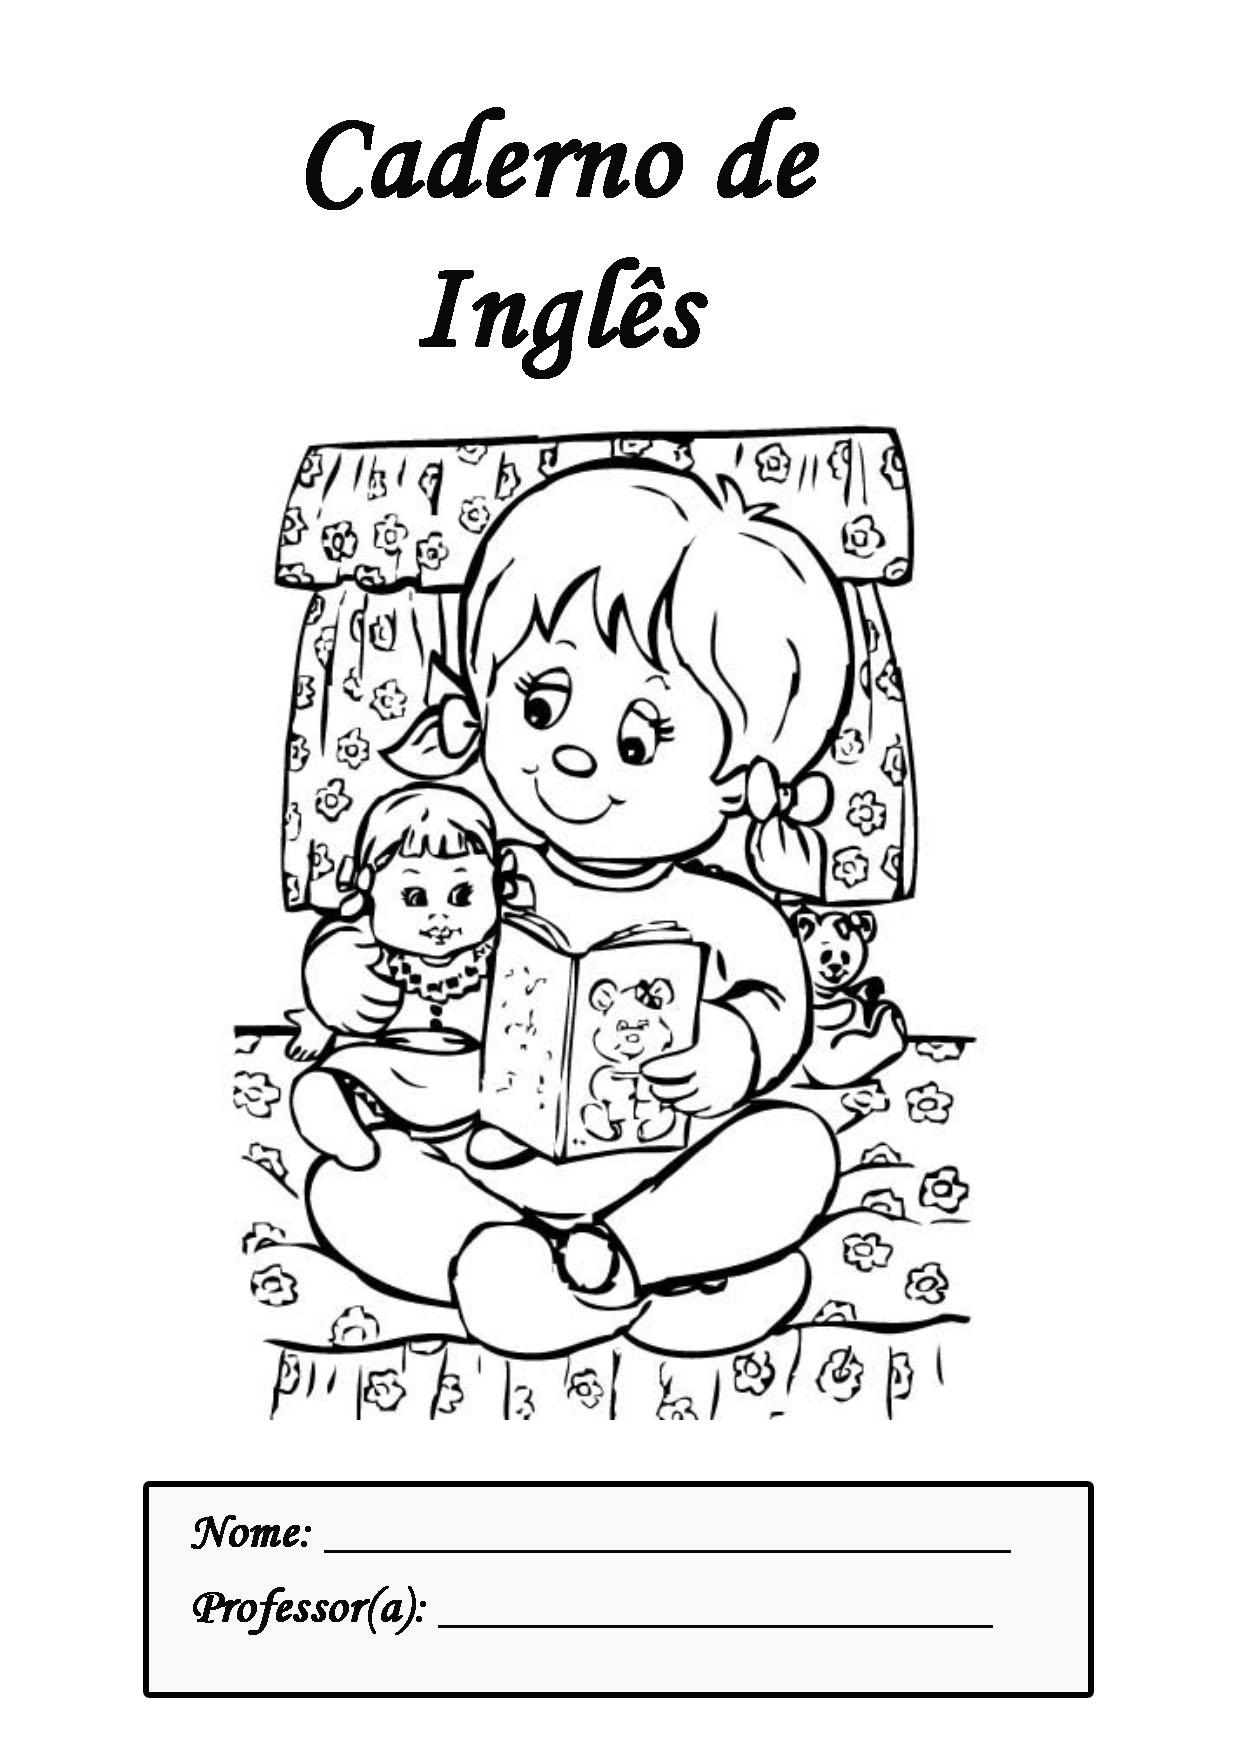 De Capa Para Caderno De Literatura  Artes  Tarefas  Ingl  S  Poemas E